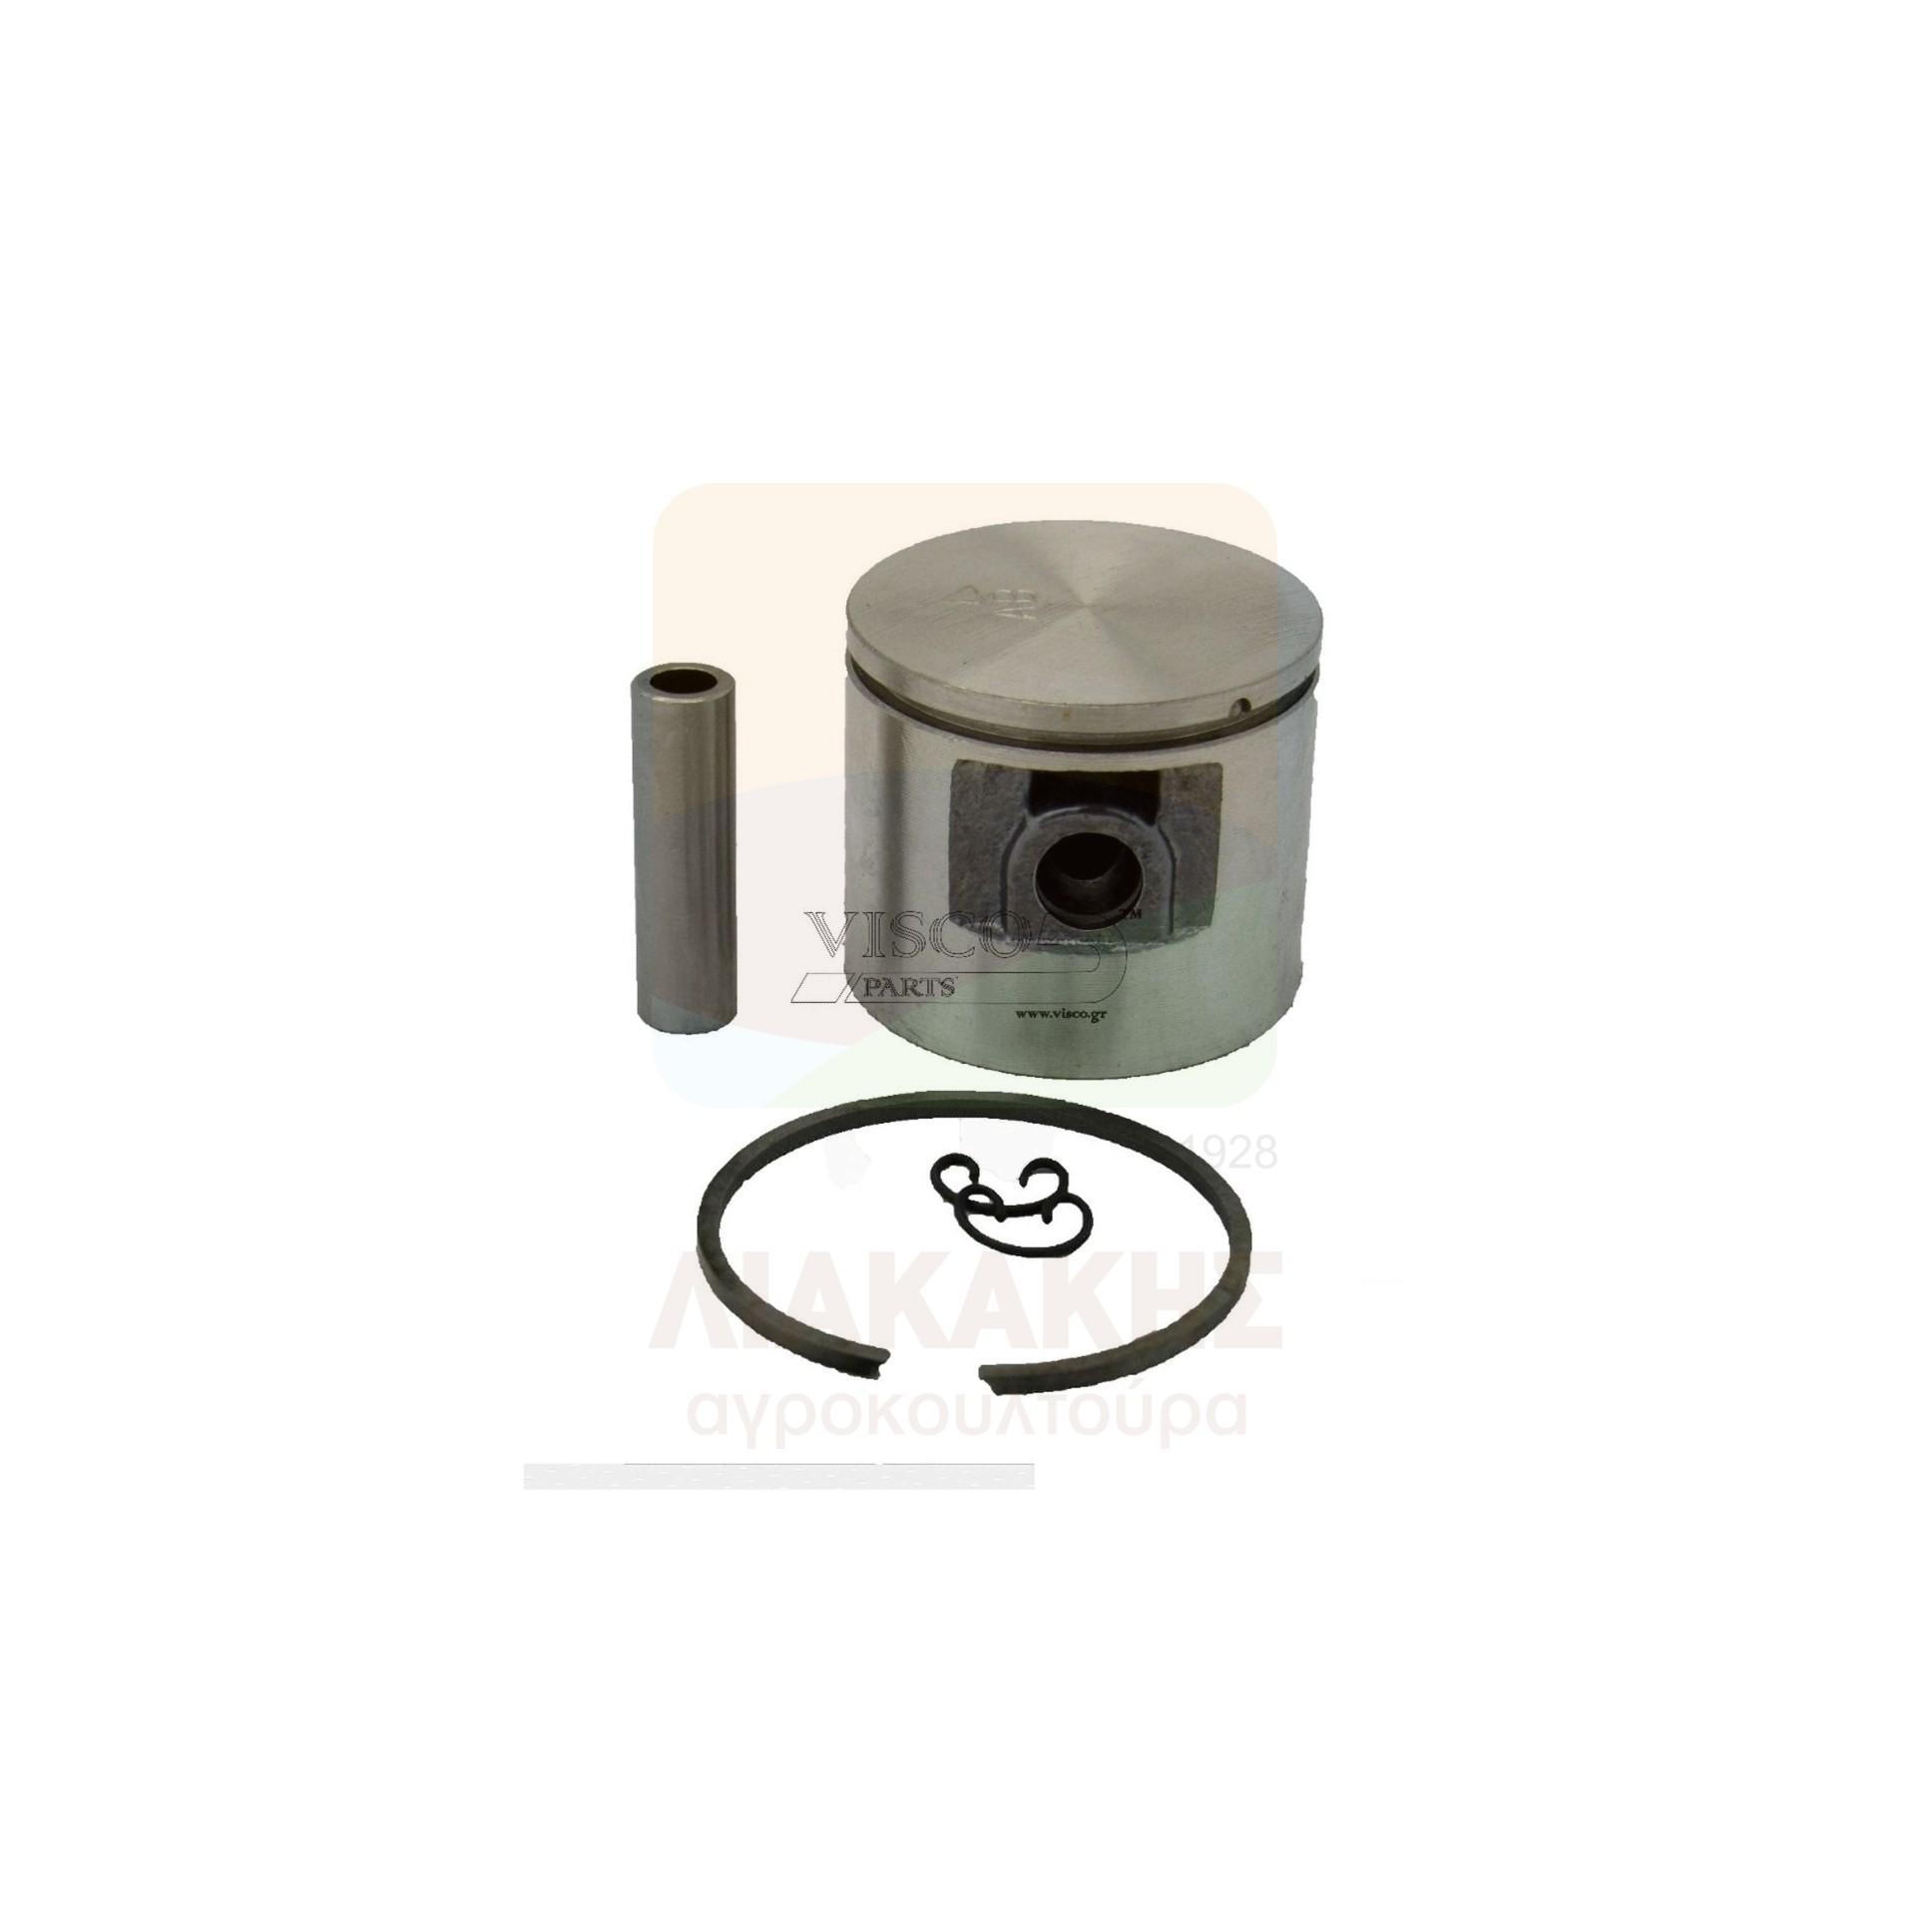 ΠΙΣ-030 Πιστόνι ECHO CS 3000 (37mm)